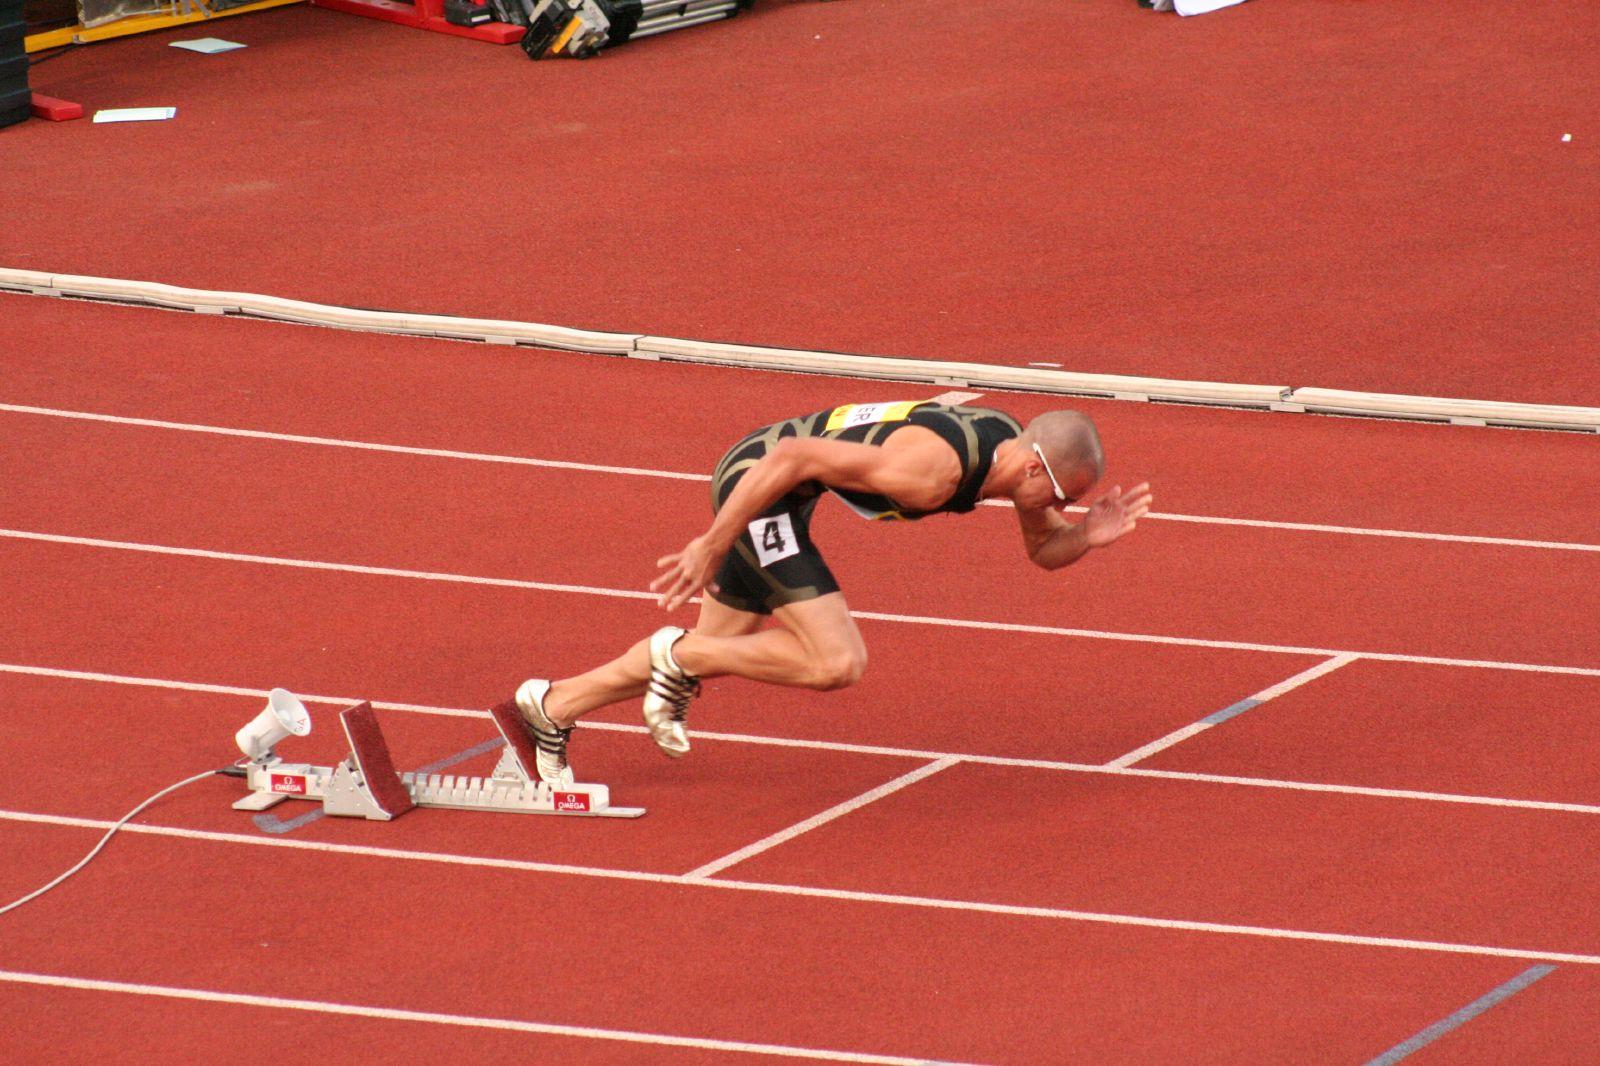 Доклад по легкой атлетике бег на короткие дистанции 4197